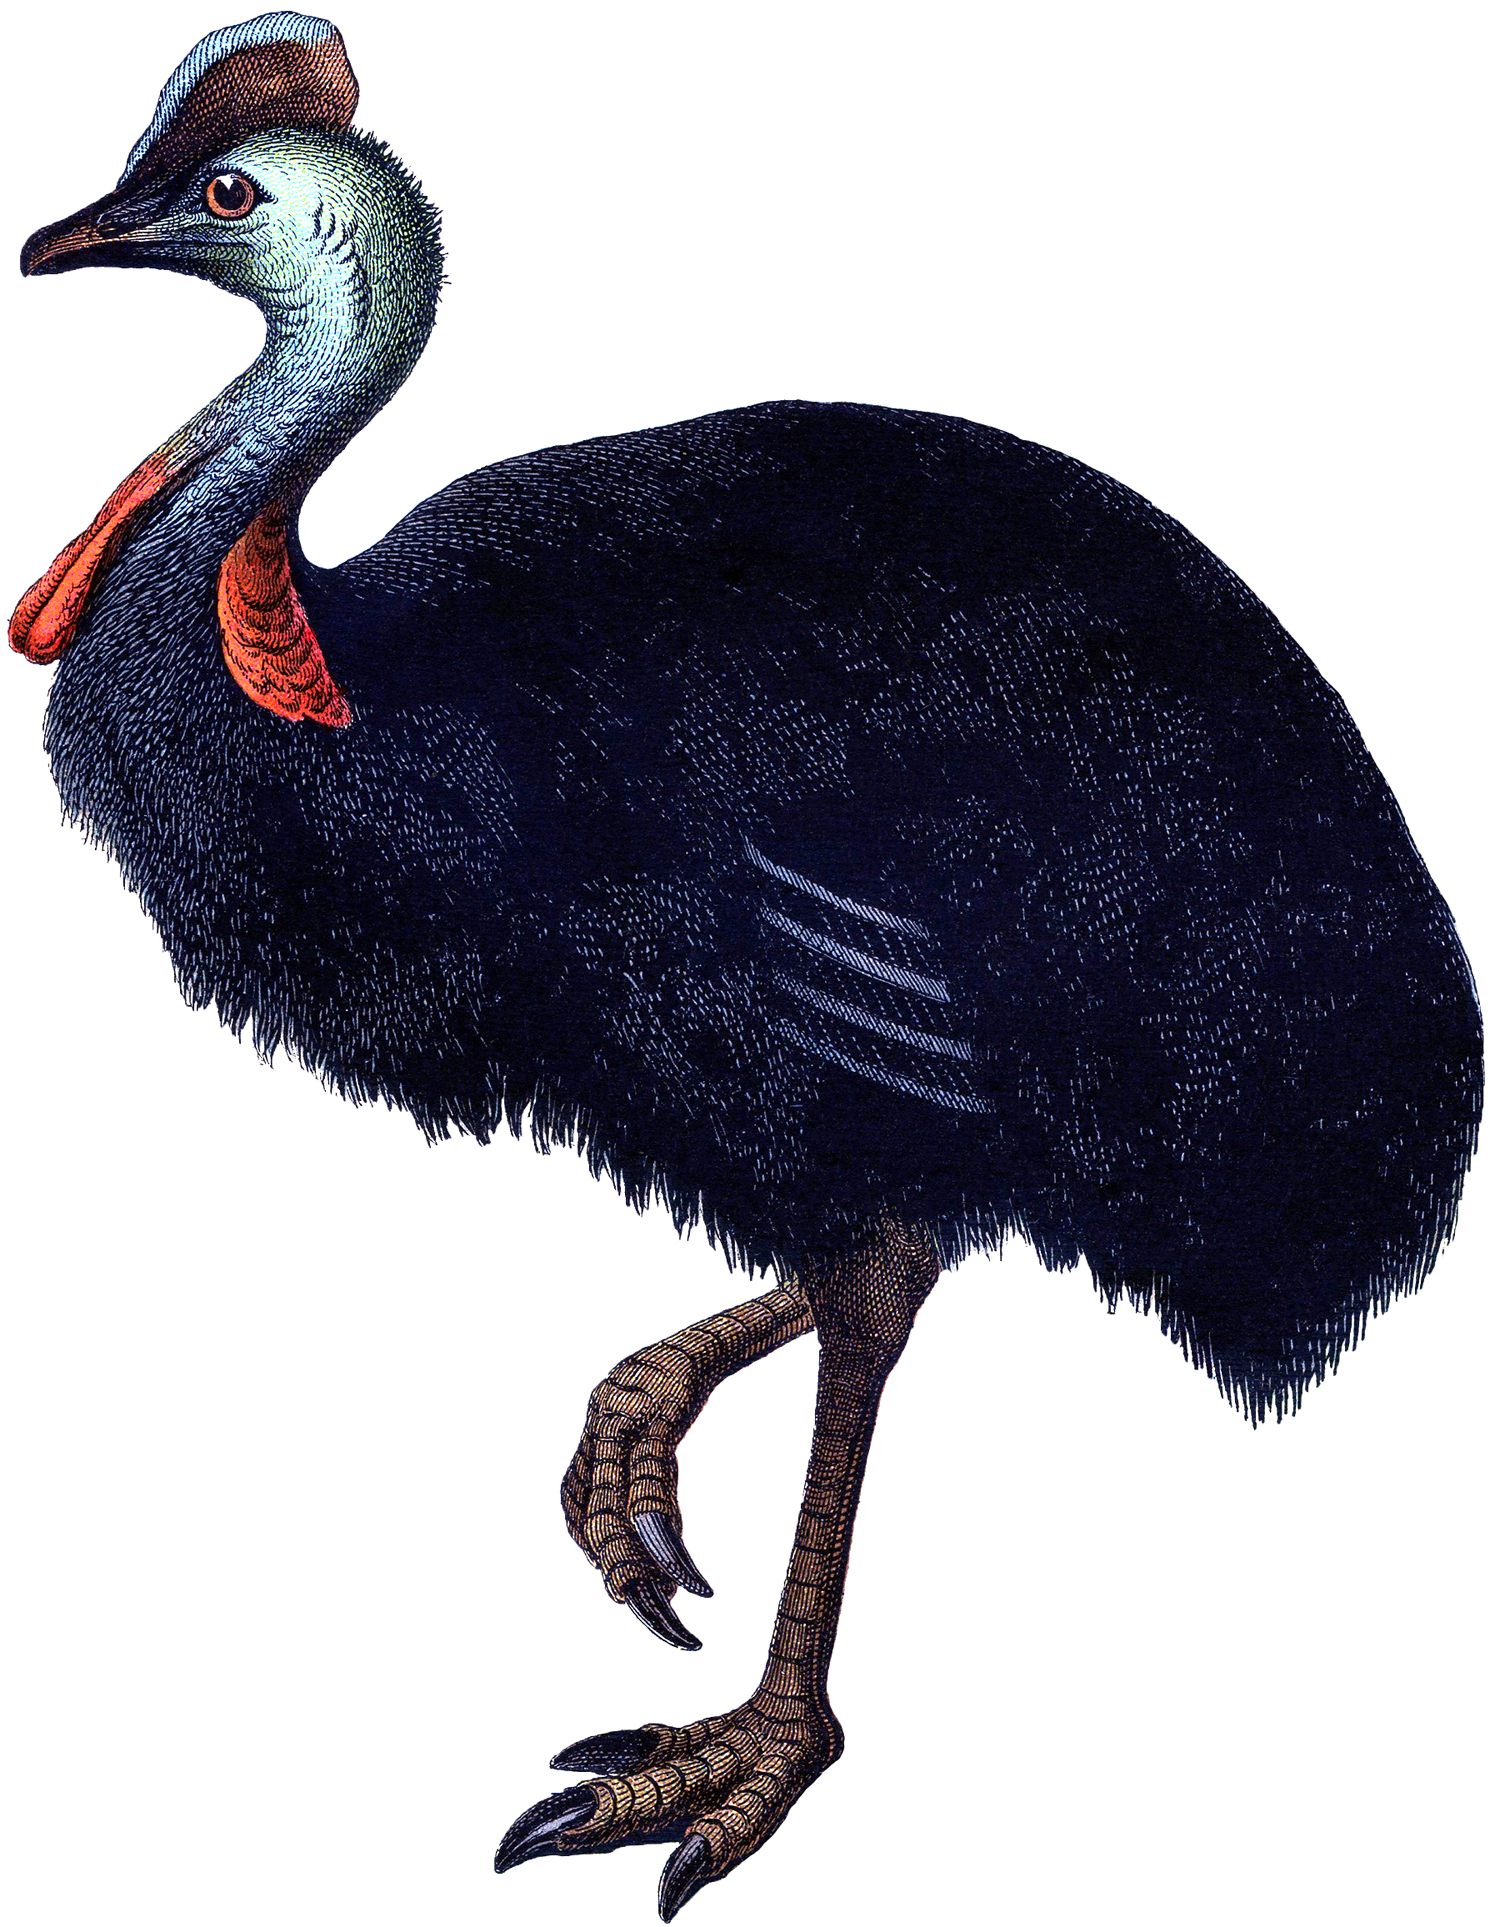 Vintage Ostrich Image